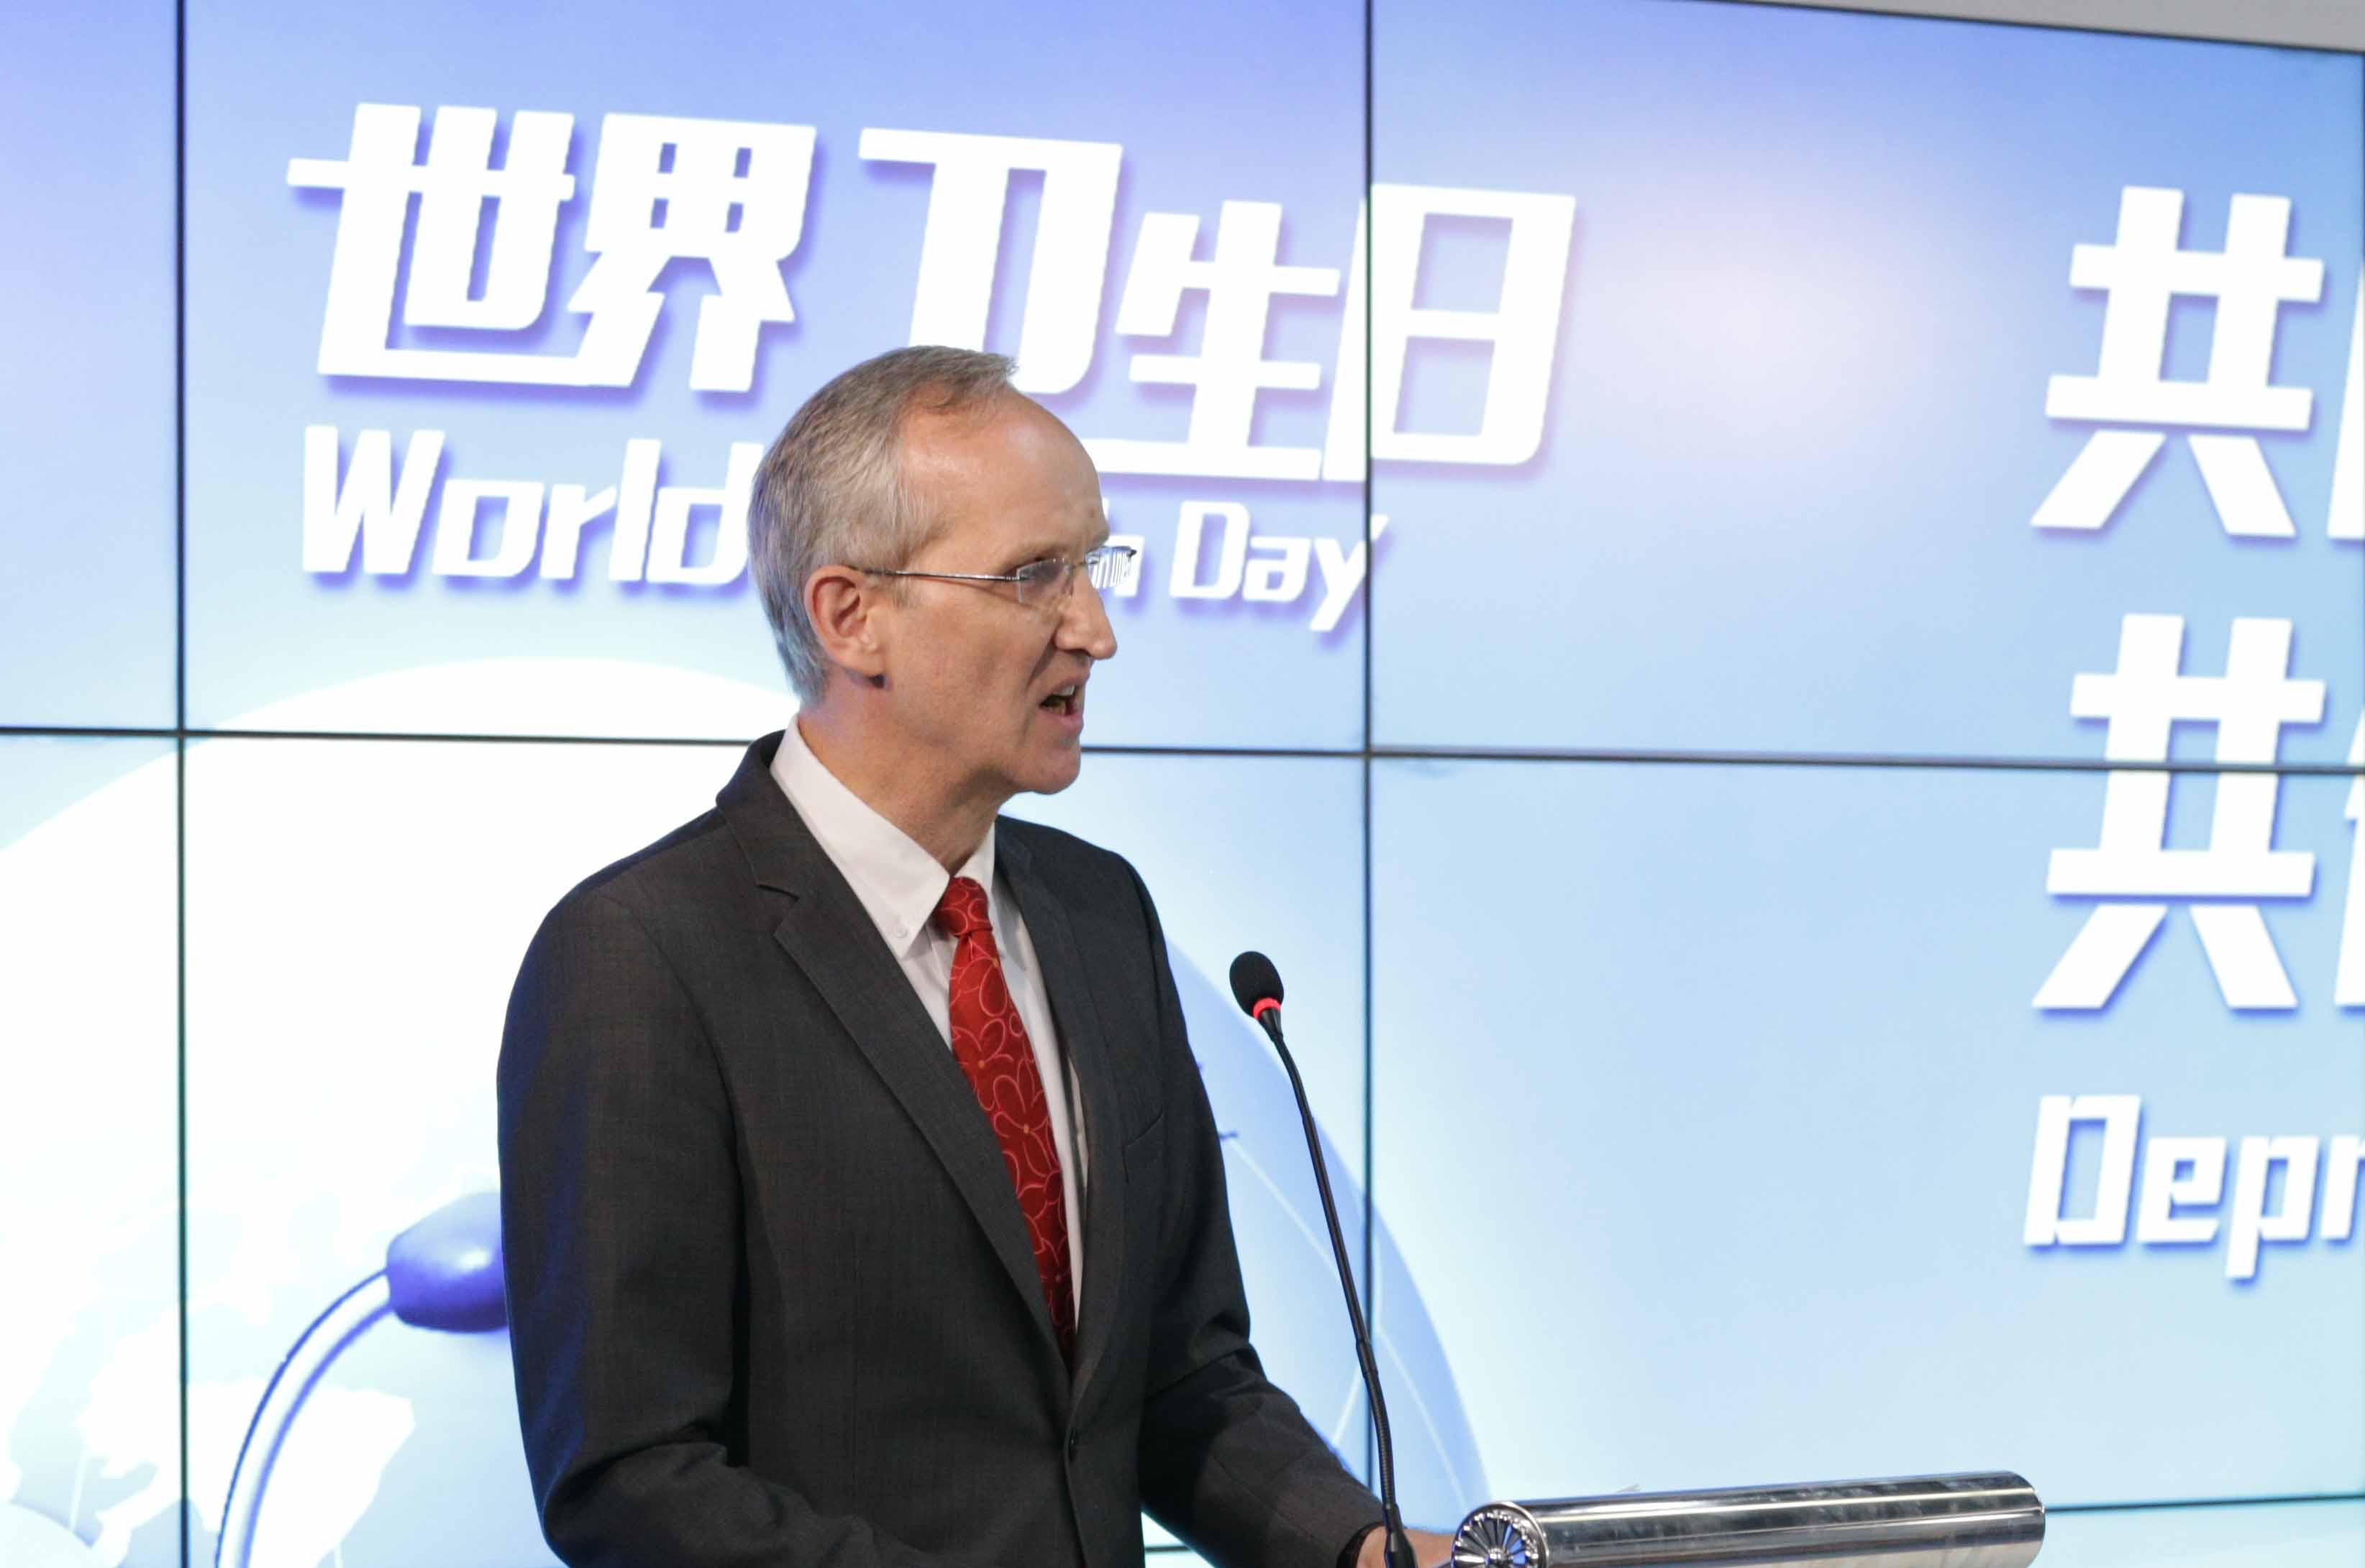 2017年世界衛生日主題活動在新華網舉辦